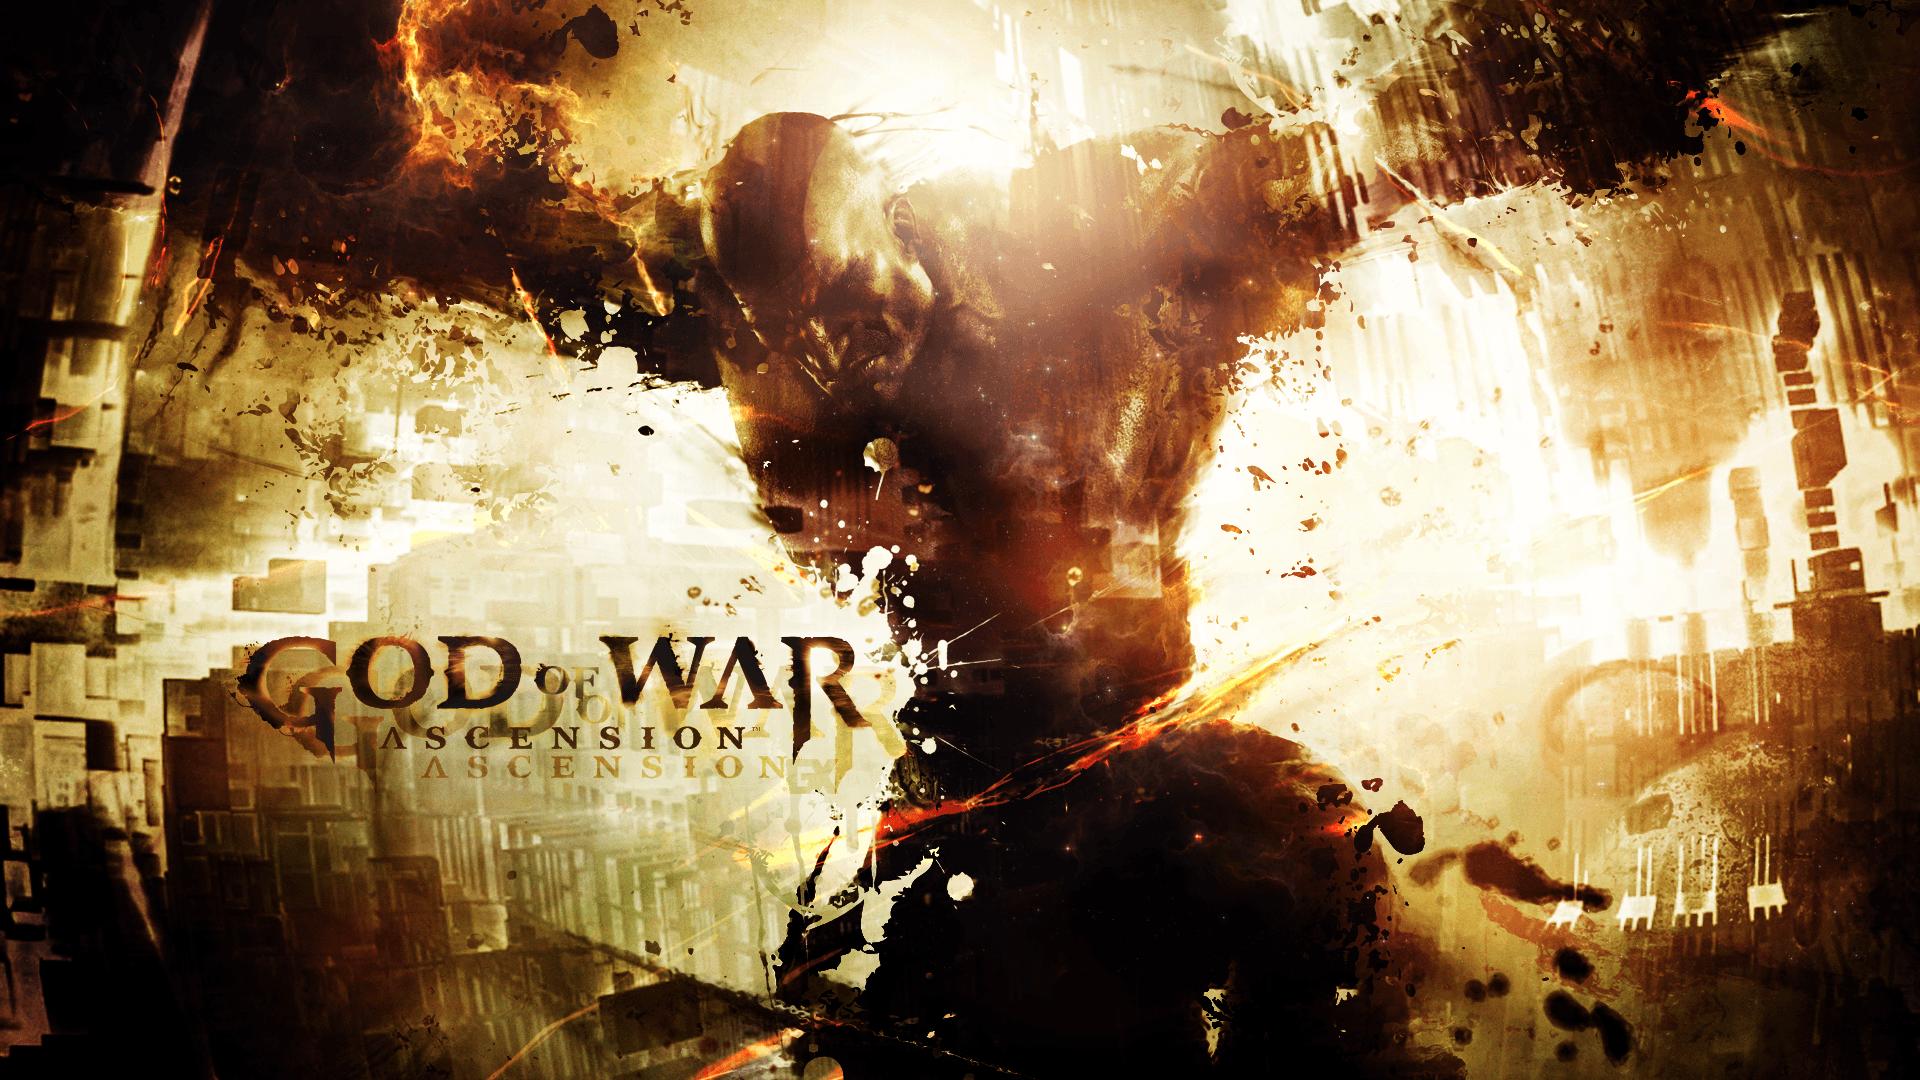 God Of War Ascension - wallpaper.